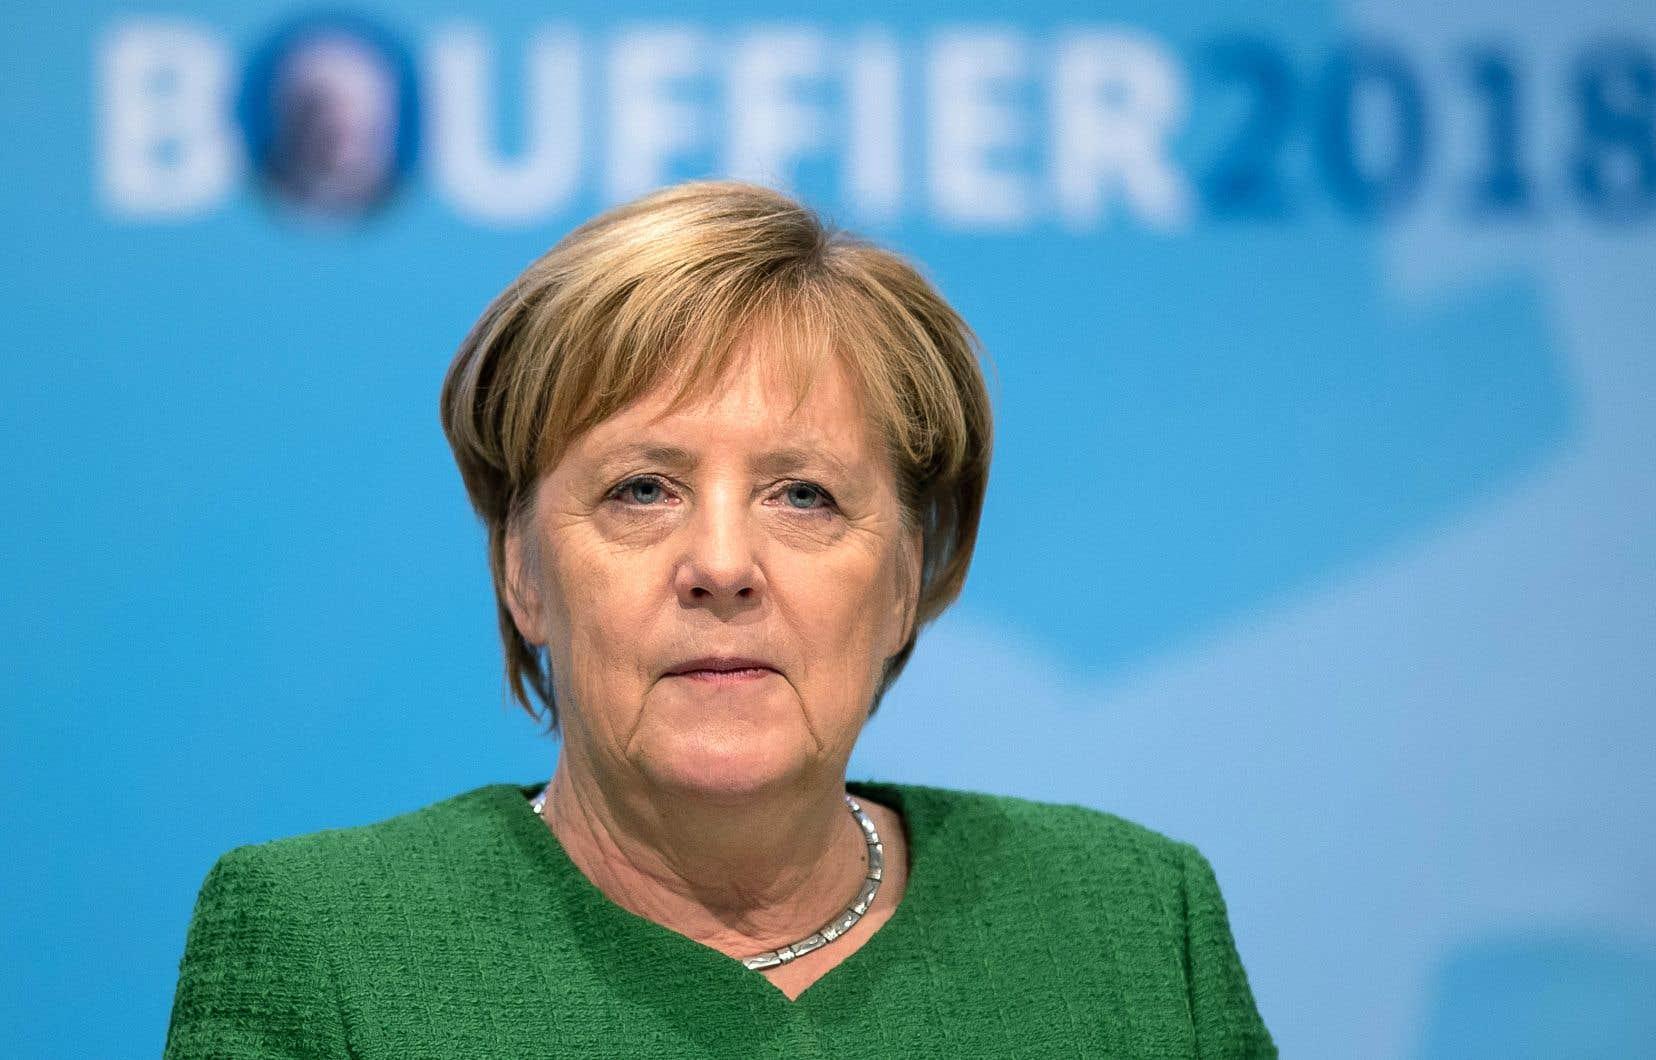 La chancelière allemande, Angela Merkel, lors d'un rassemblement partisan à Fulda, dans la région de Hesse, en Allemagne, le 25octobre dernier